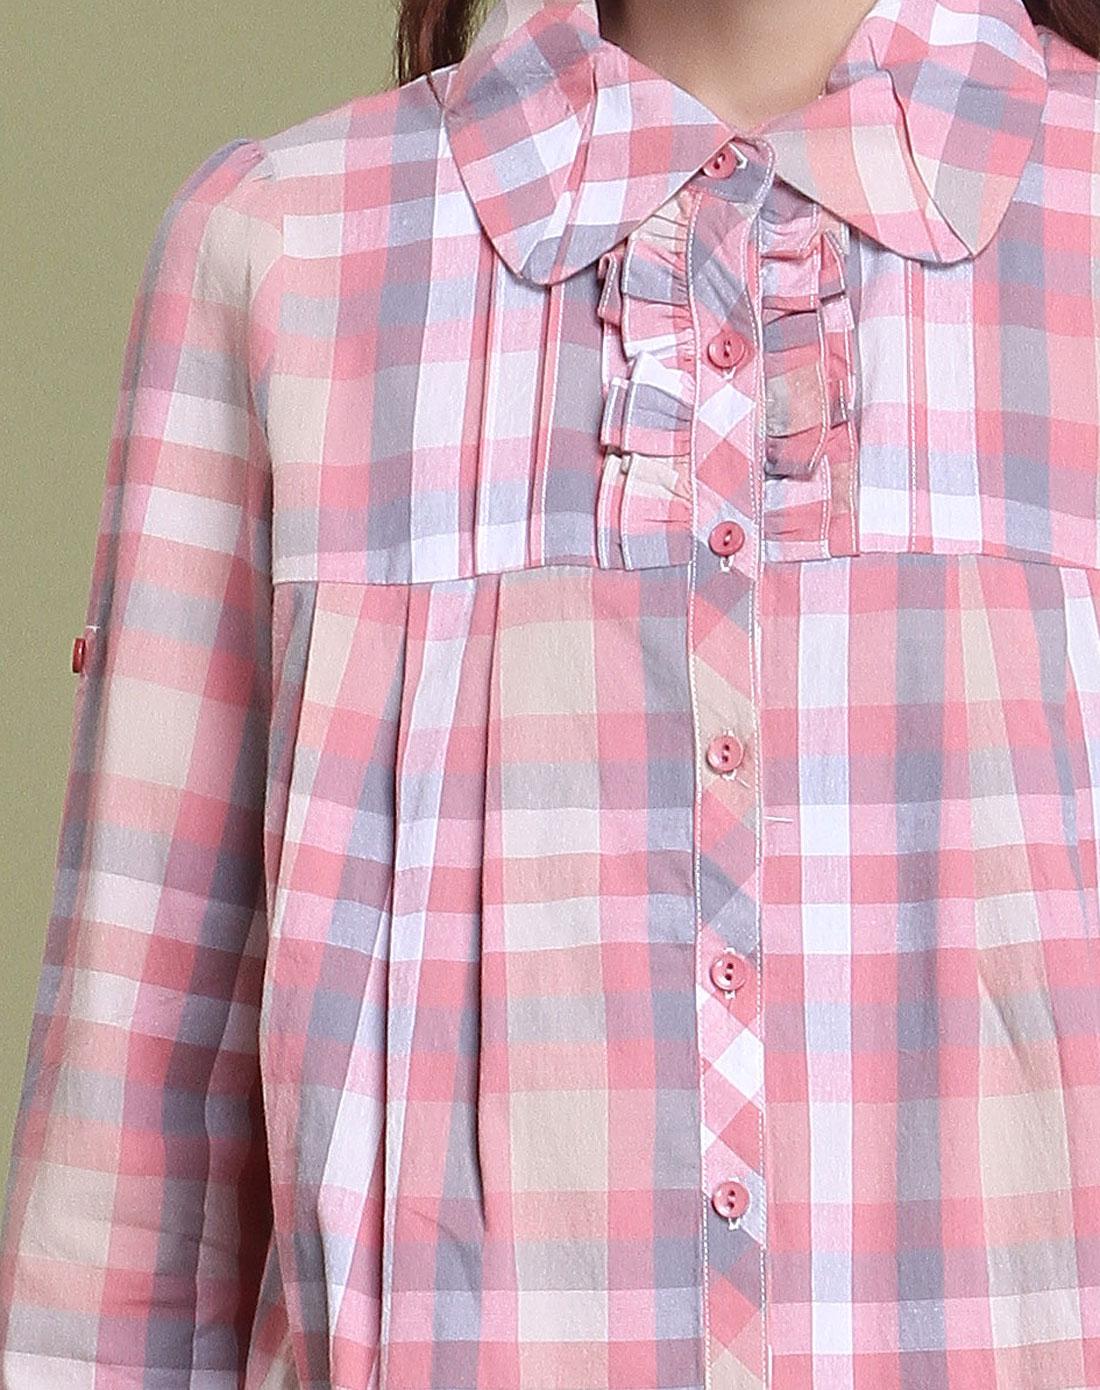 粉红色格子长袖衬衫